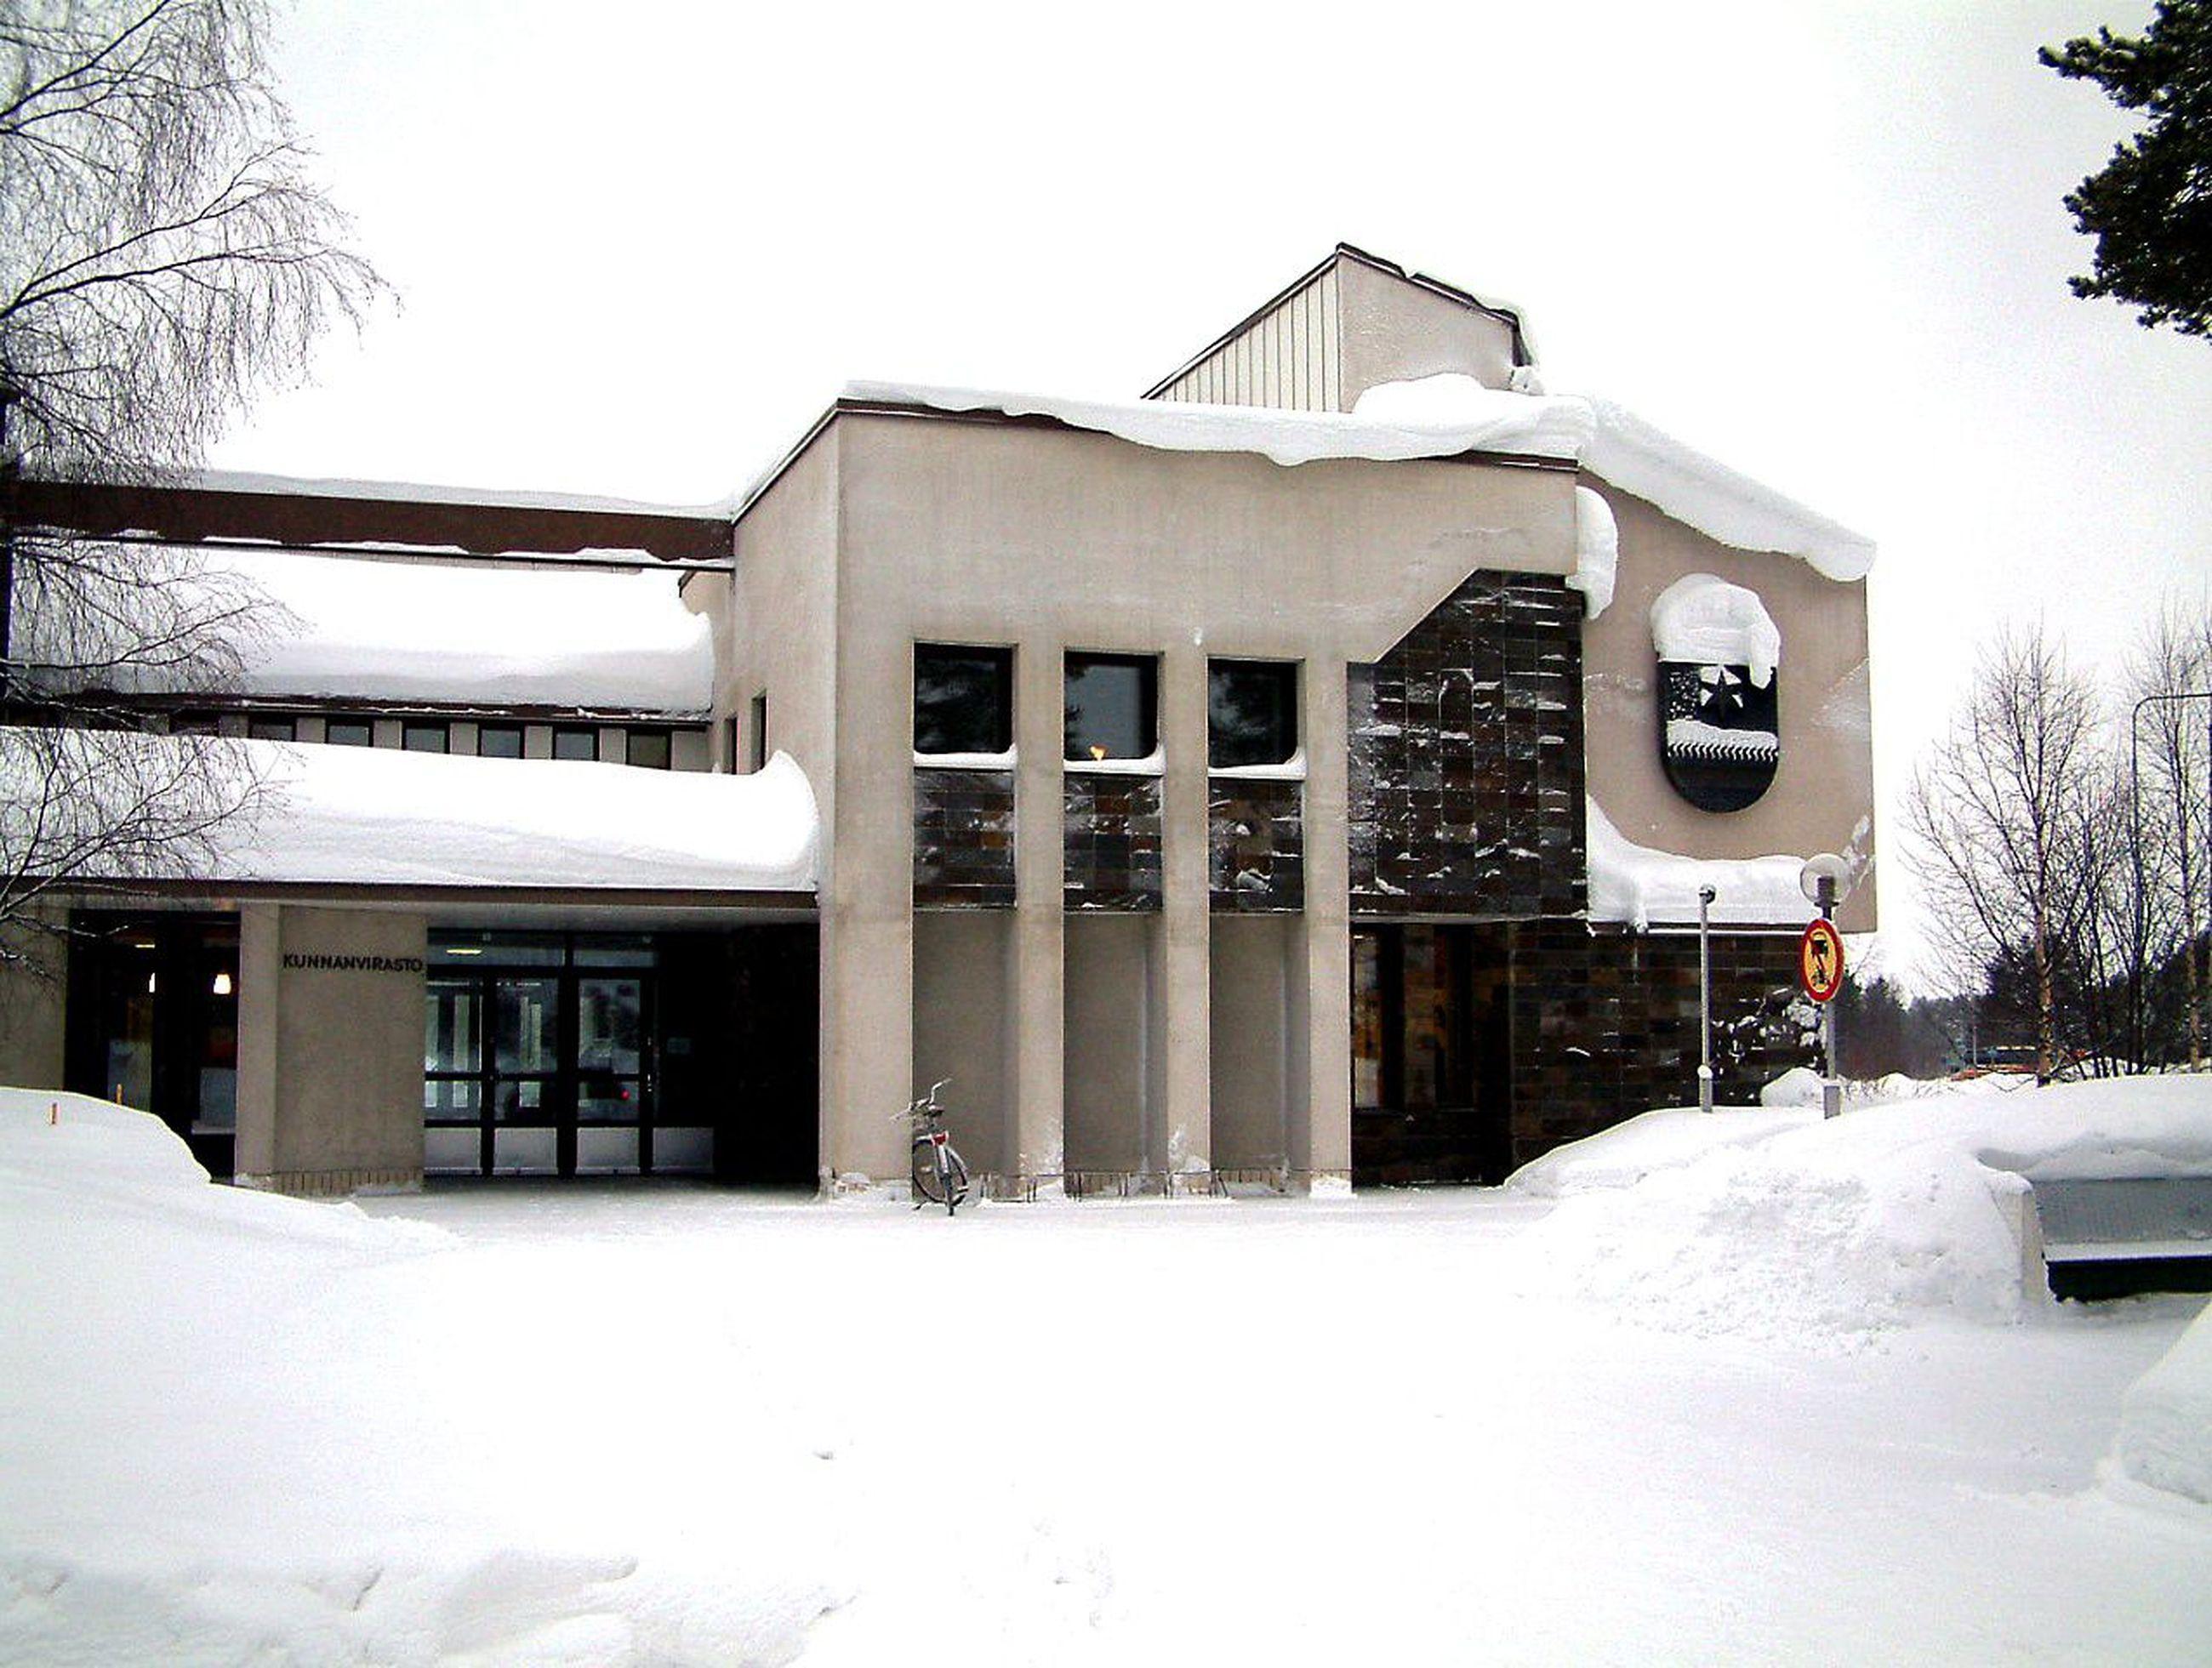 Sodankylä Kirjasto